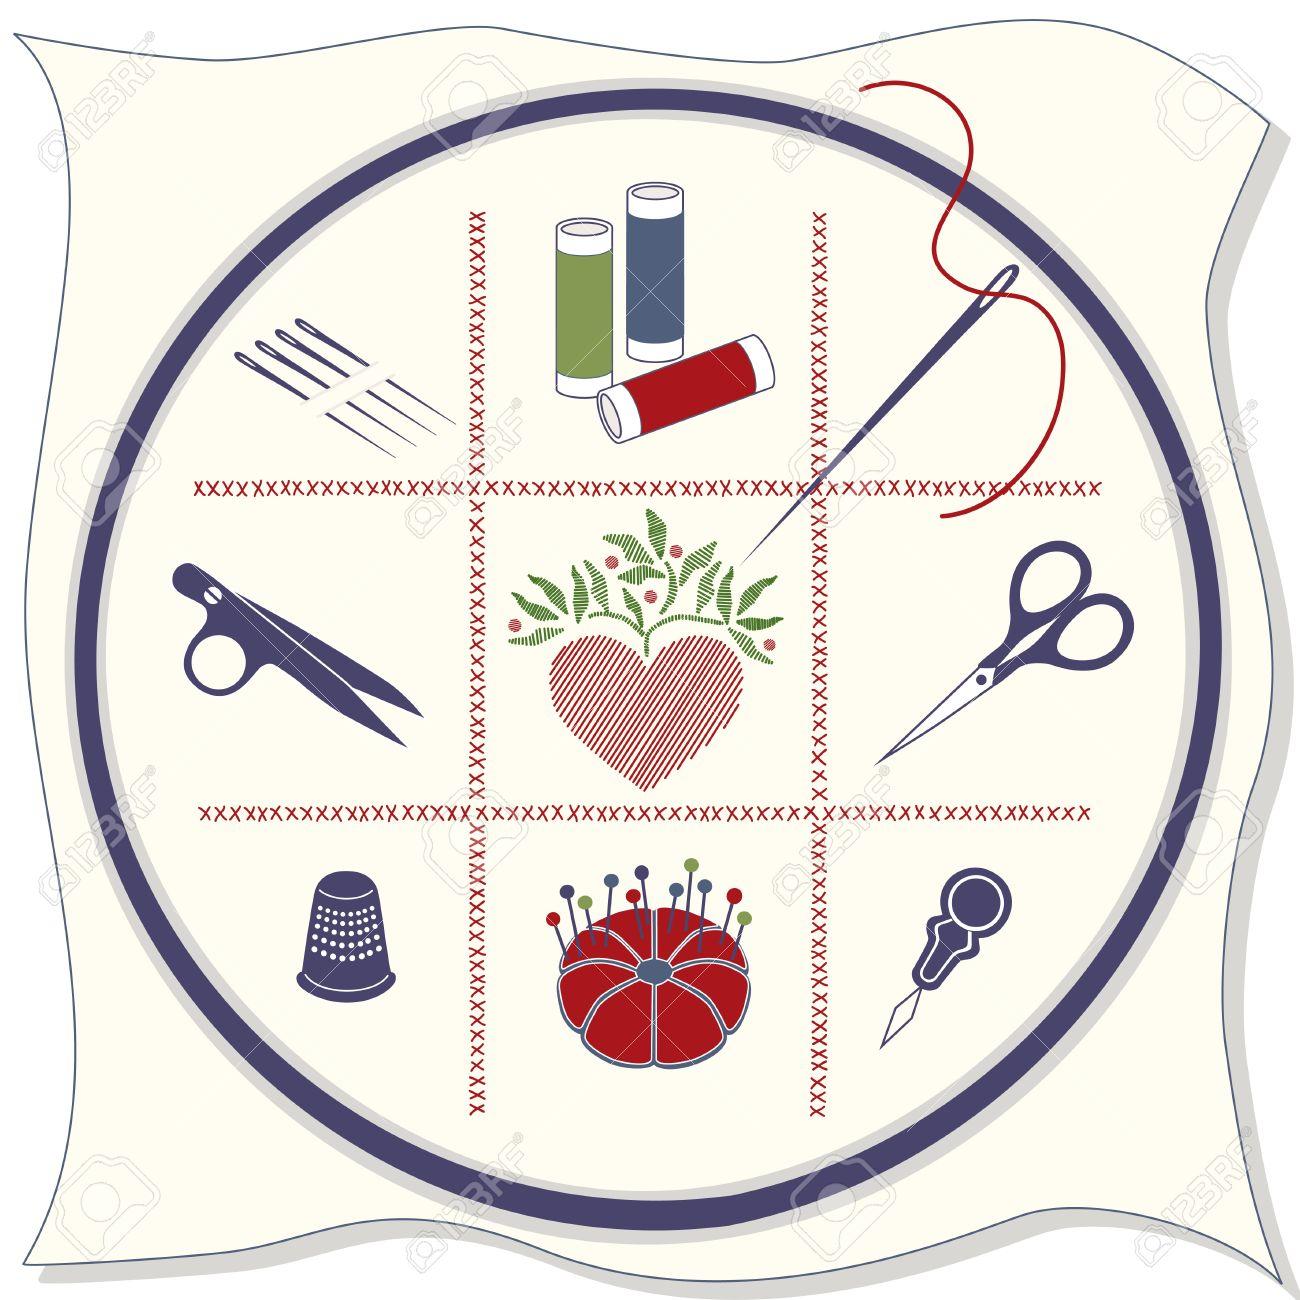 Icone Ricamo: Cerchio, Tessuto, Punto Croce, Aghi Da Cucire.